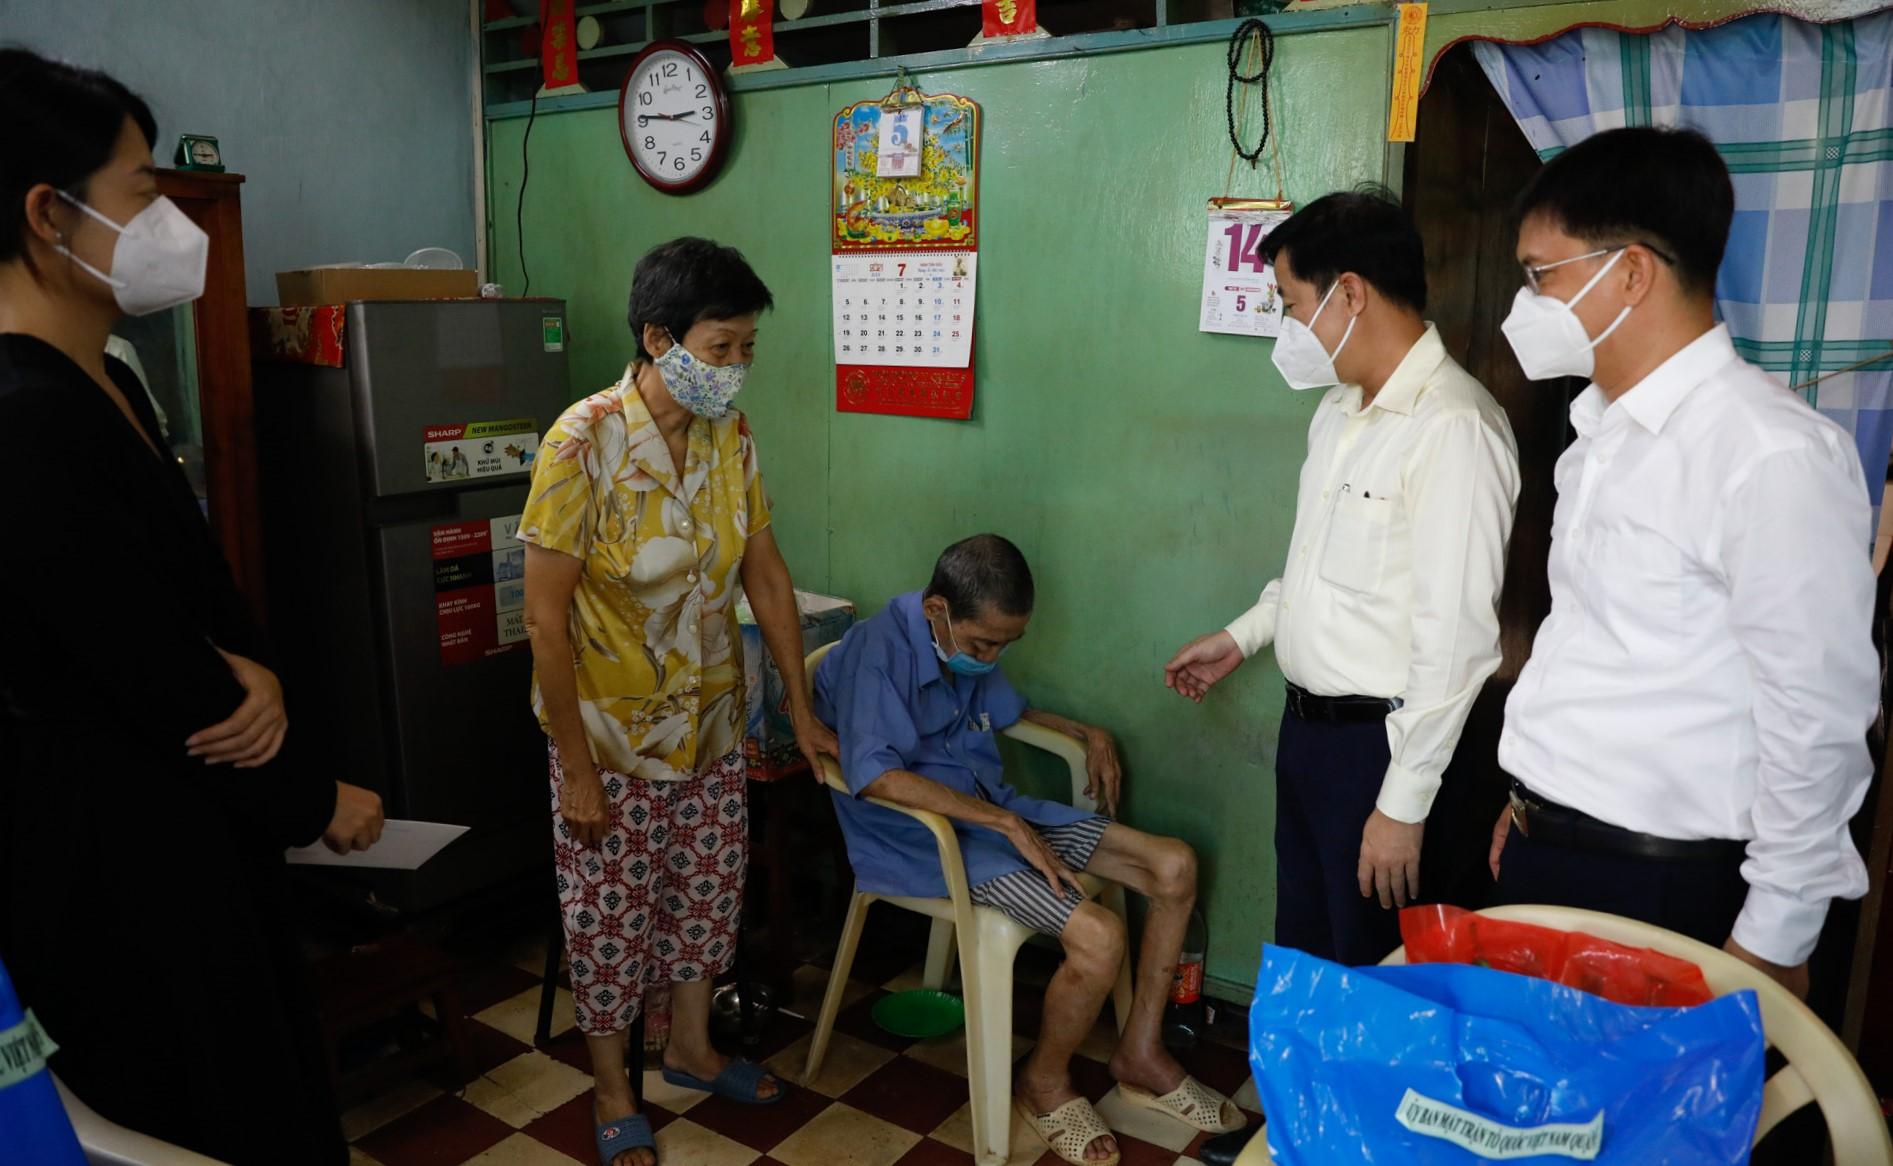 Masterise Homes đồng hành cùng Thành Đoàn TP HCM trong hoạt động hỗ trợ nhóm cộng đồng dễ bị tổn thương trong xã hội. Ảnh: Hữu Khoa.